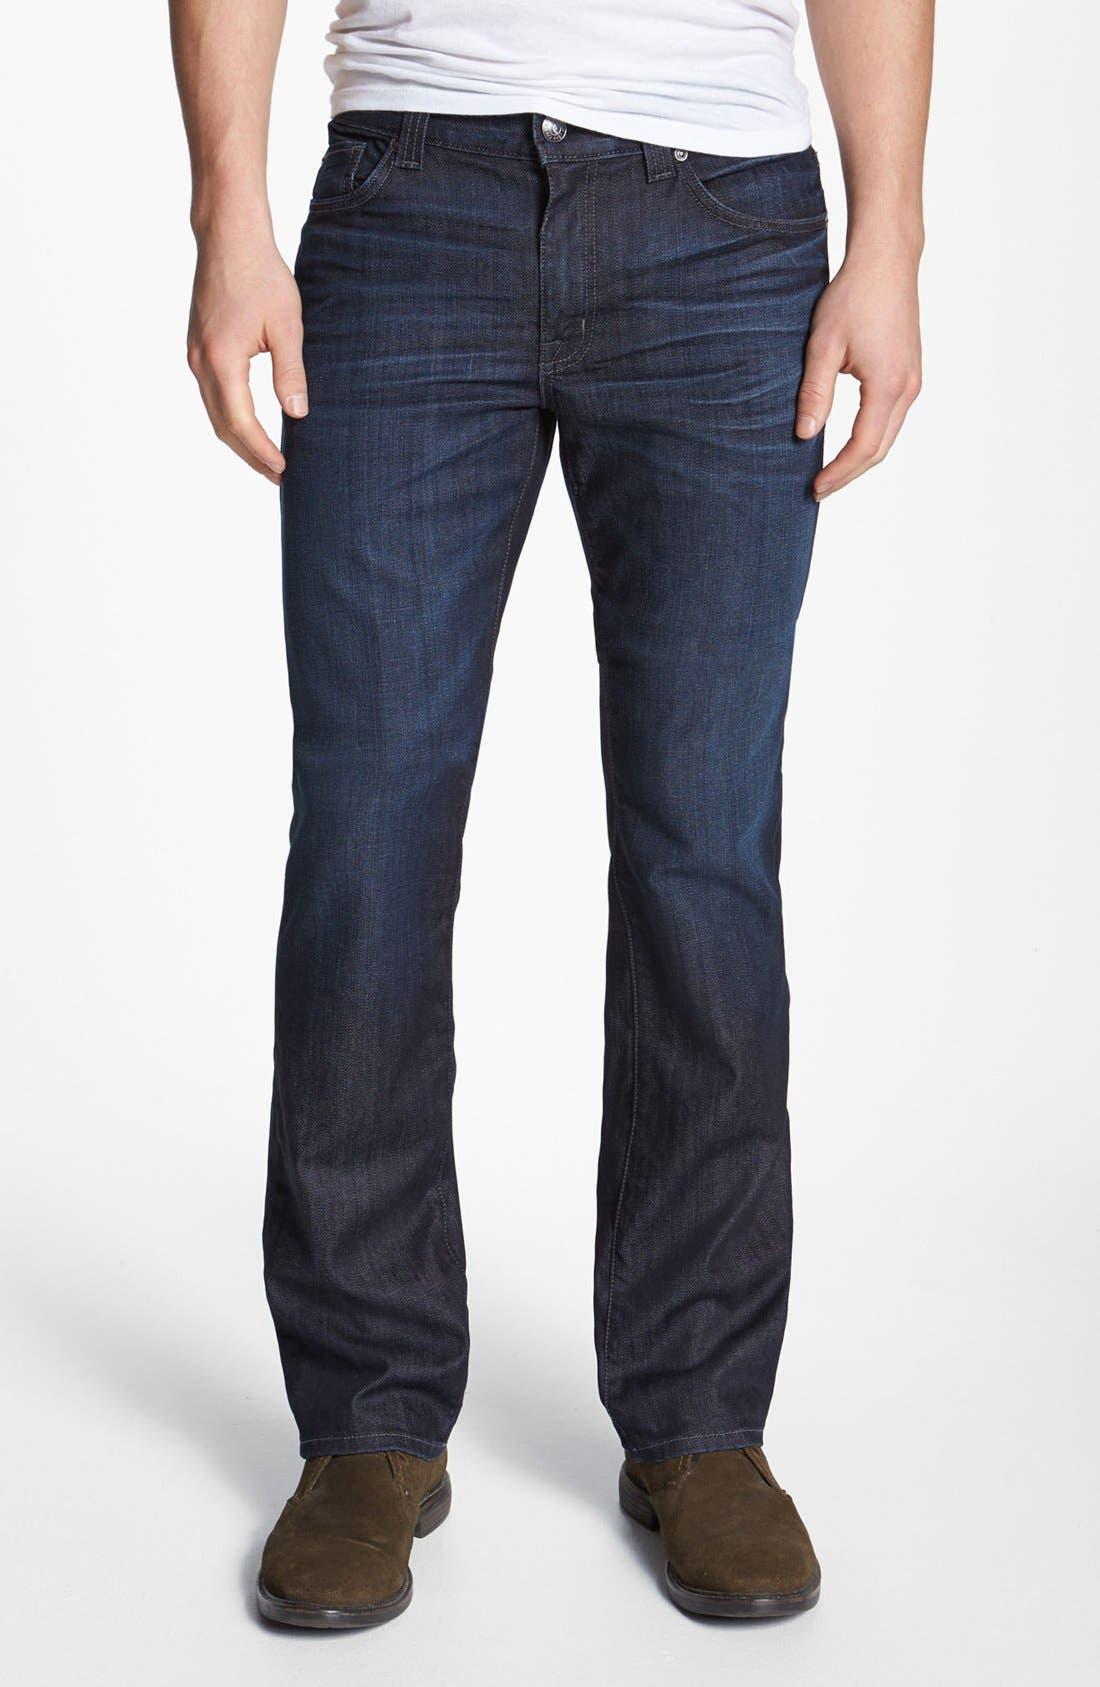 Alternate Image 1 Selected - Fidelity Denim 'Impala' Straight Leg Jeans (Lennon Dark Wash)